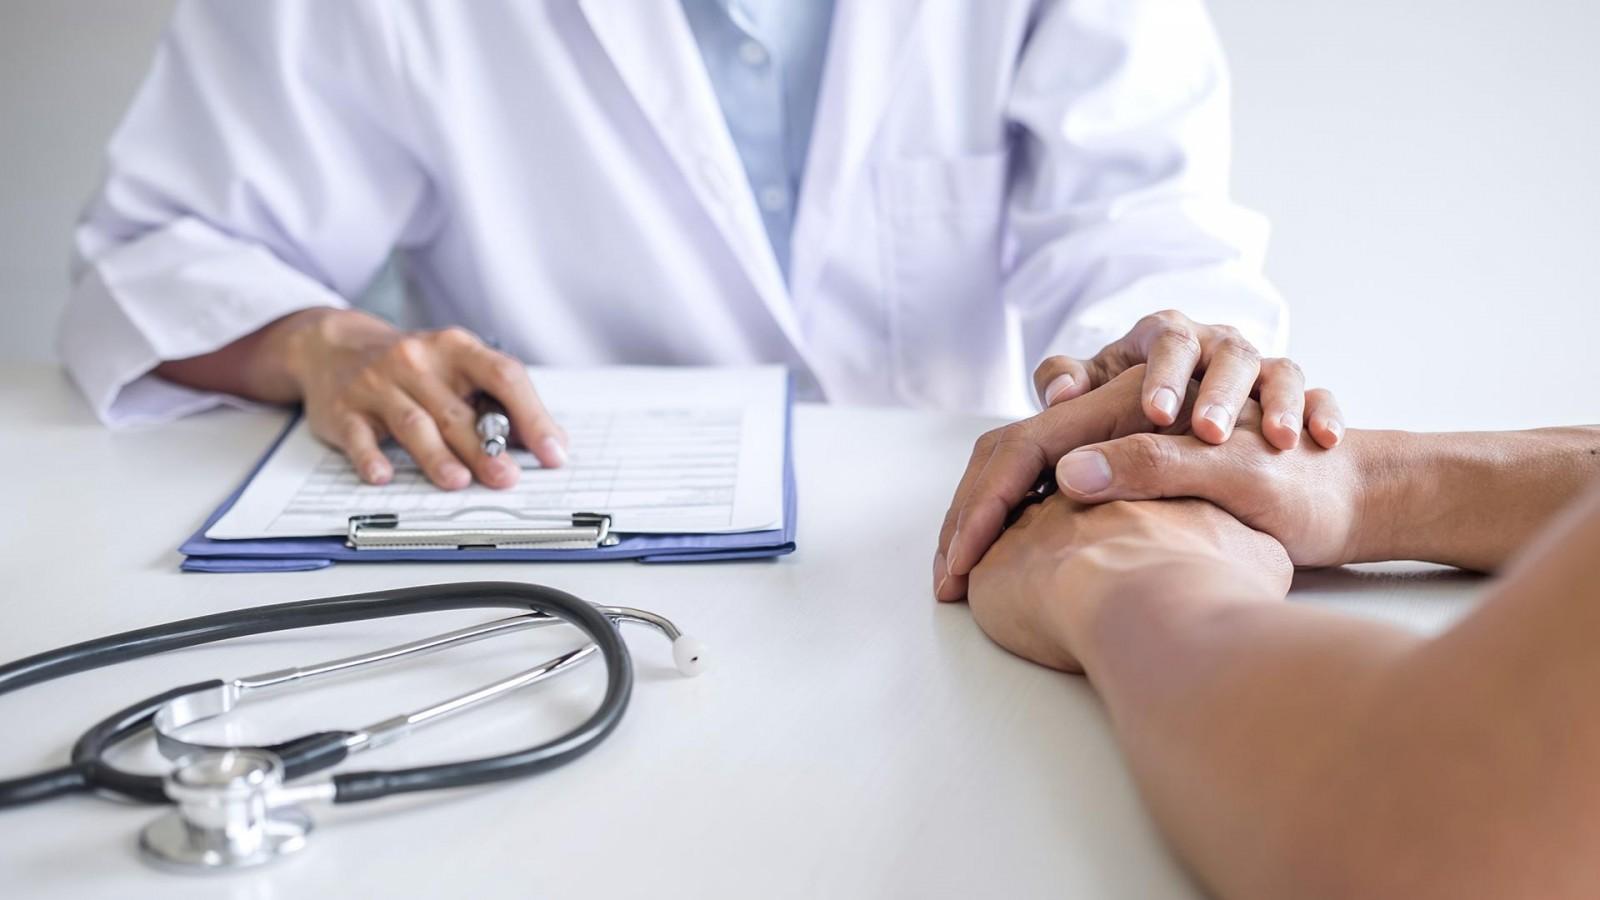 17 сентября - День безопасности пациентов